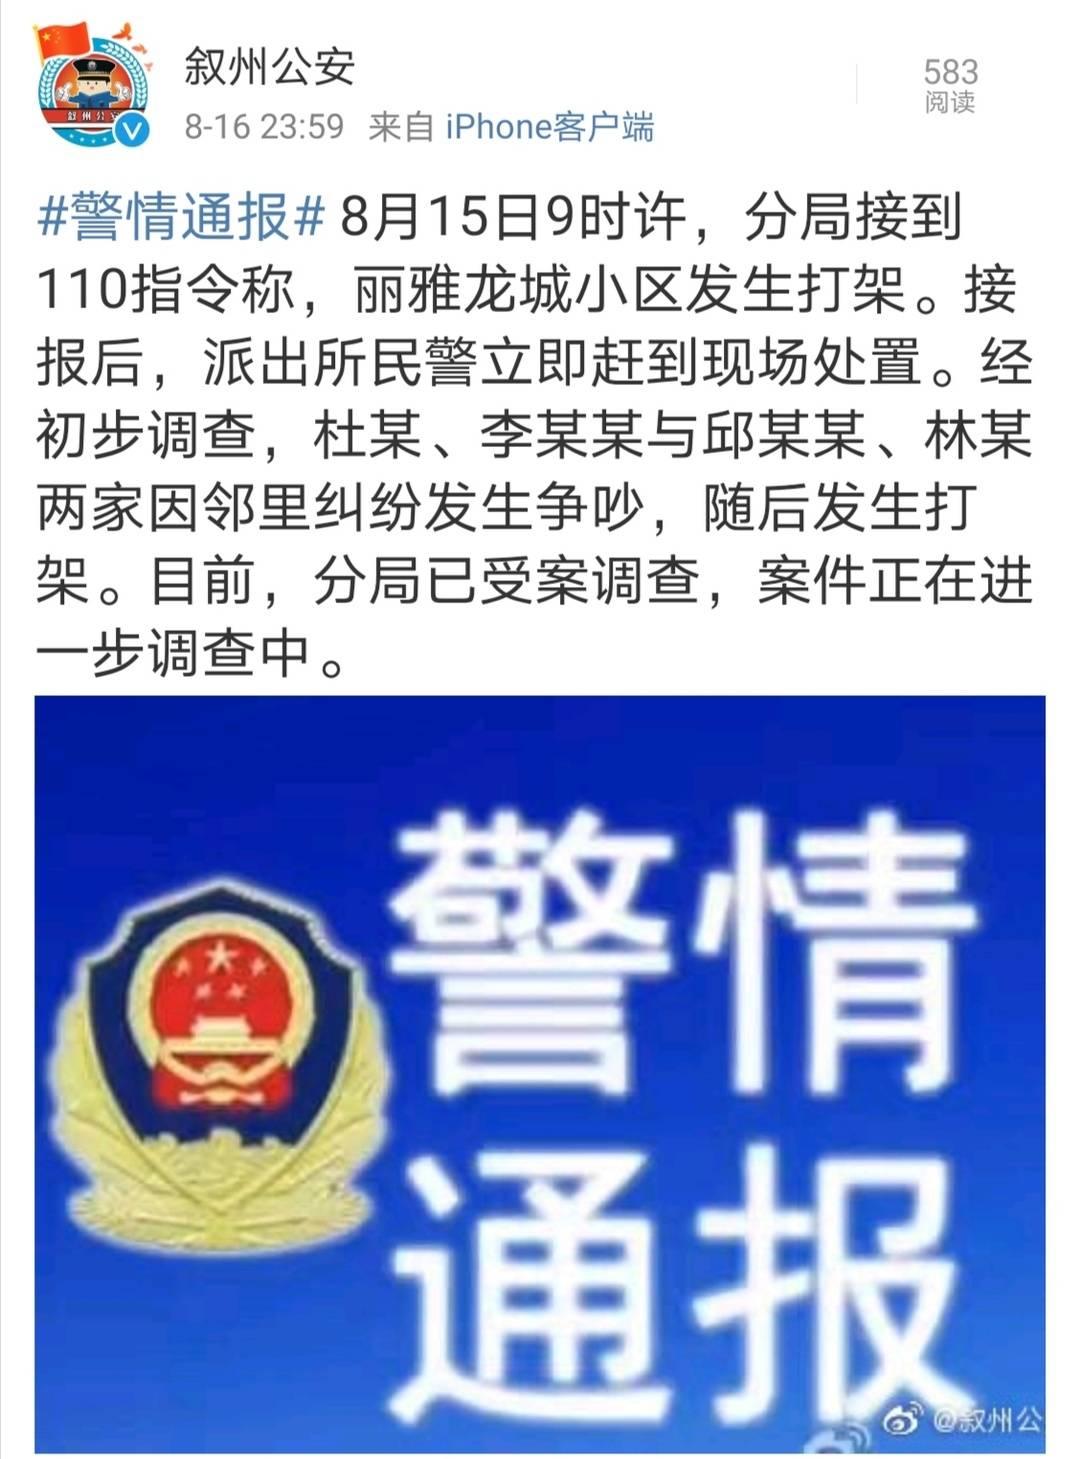 【百度排名点击器】_四川一男子发文称被副局长锁在家中殴打10多分钟 警方回应